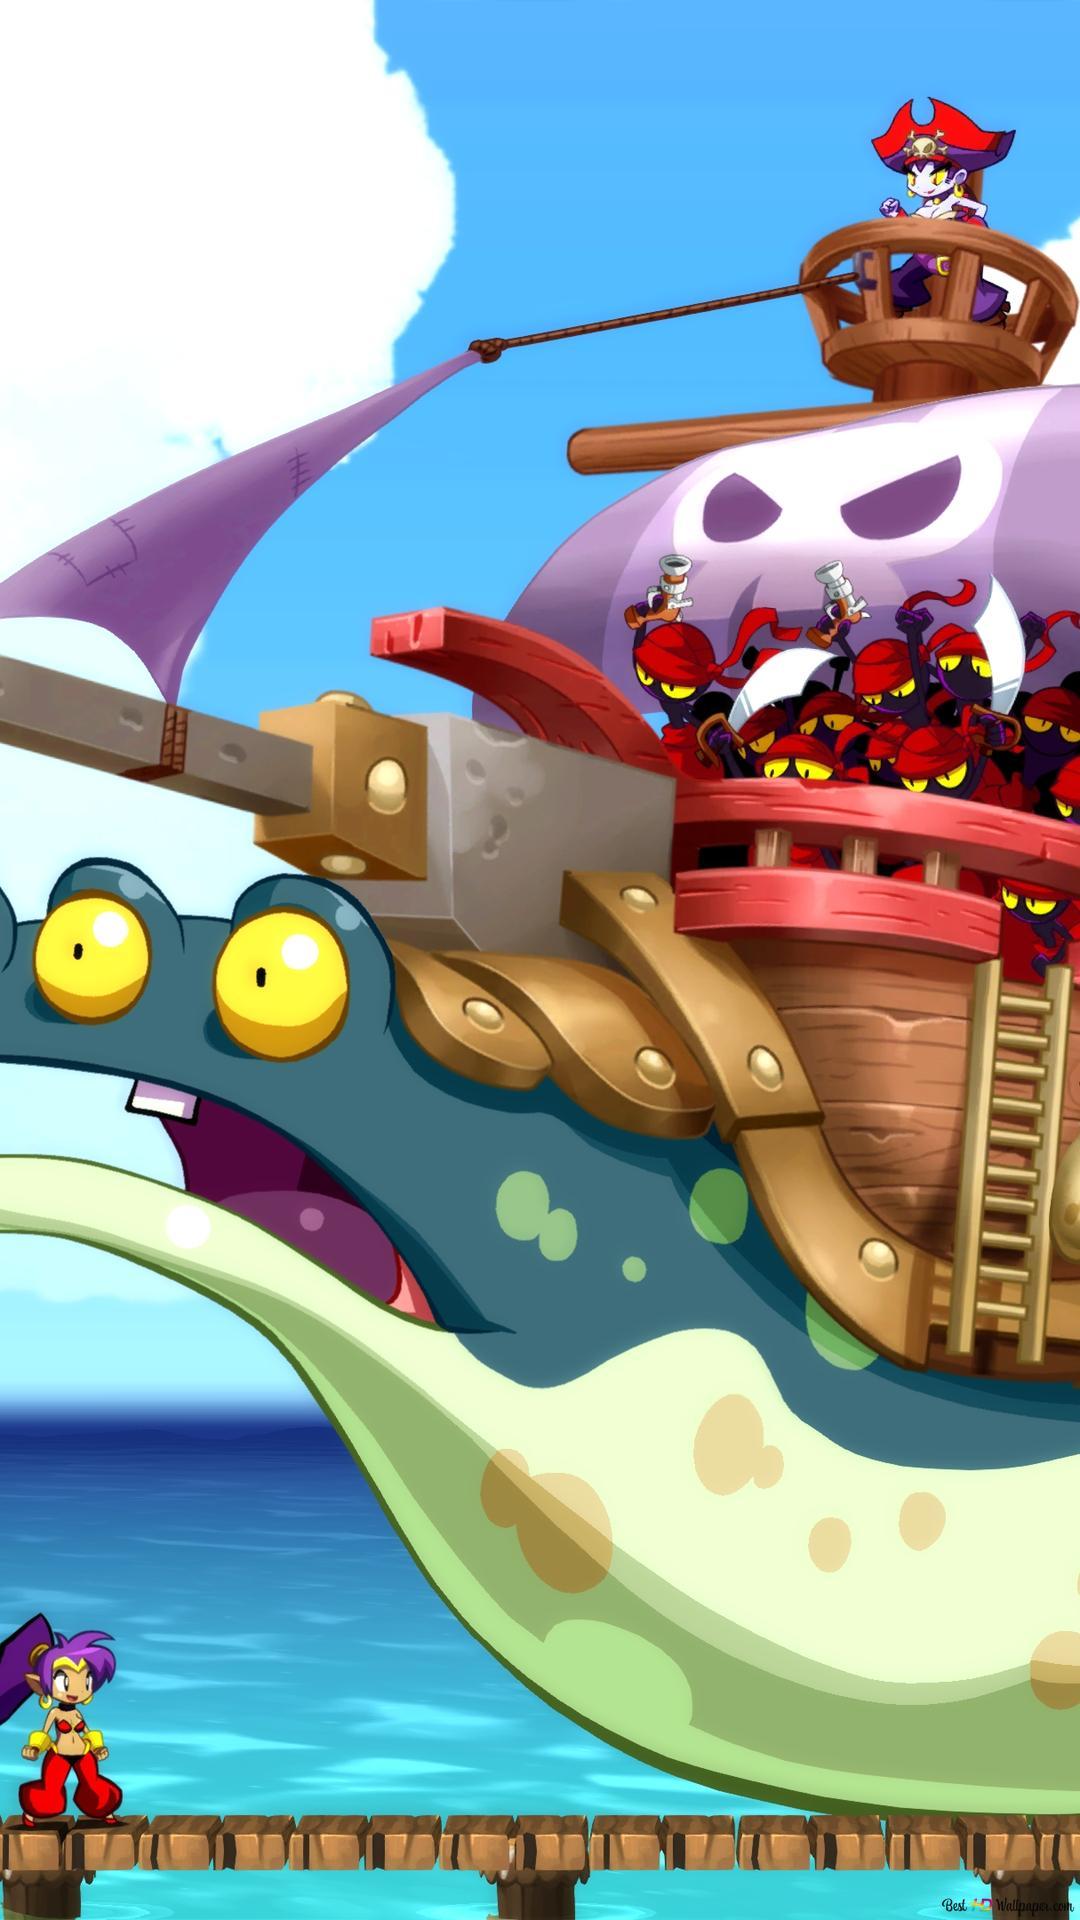 dexter season 8 download pirate